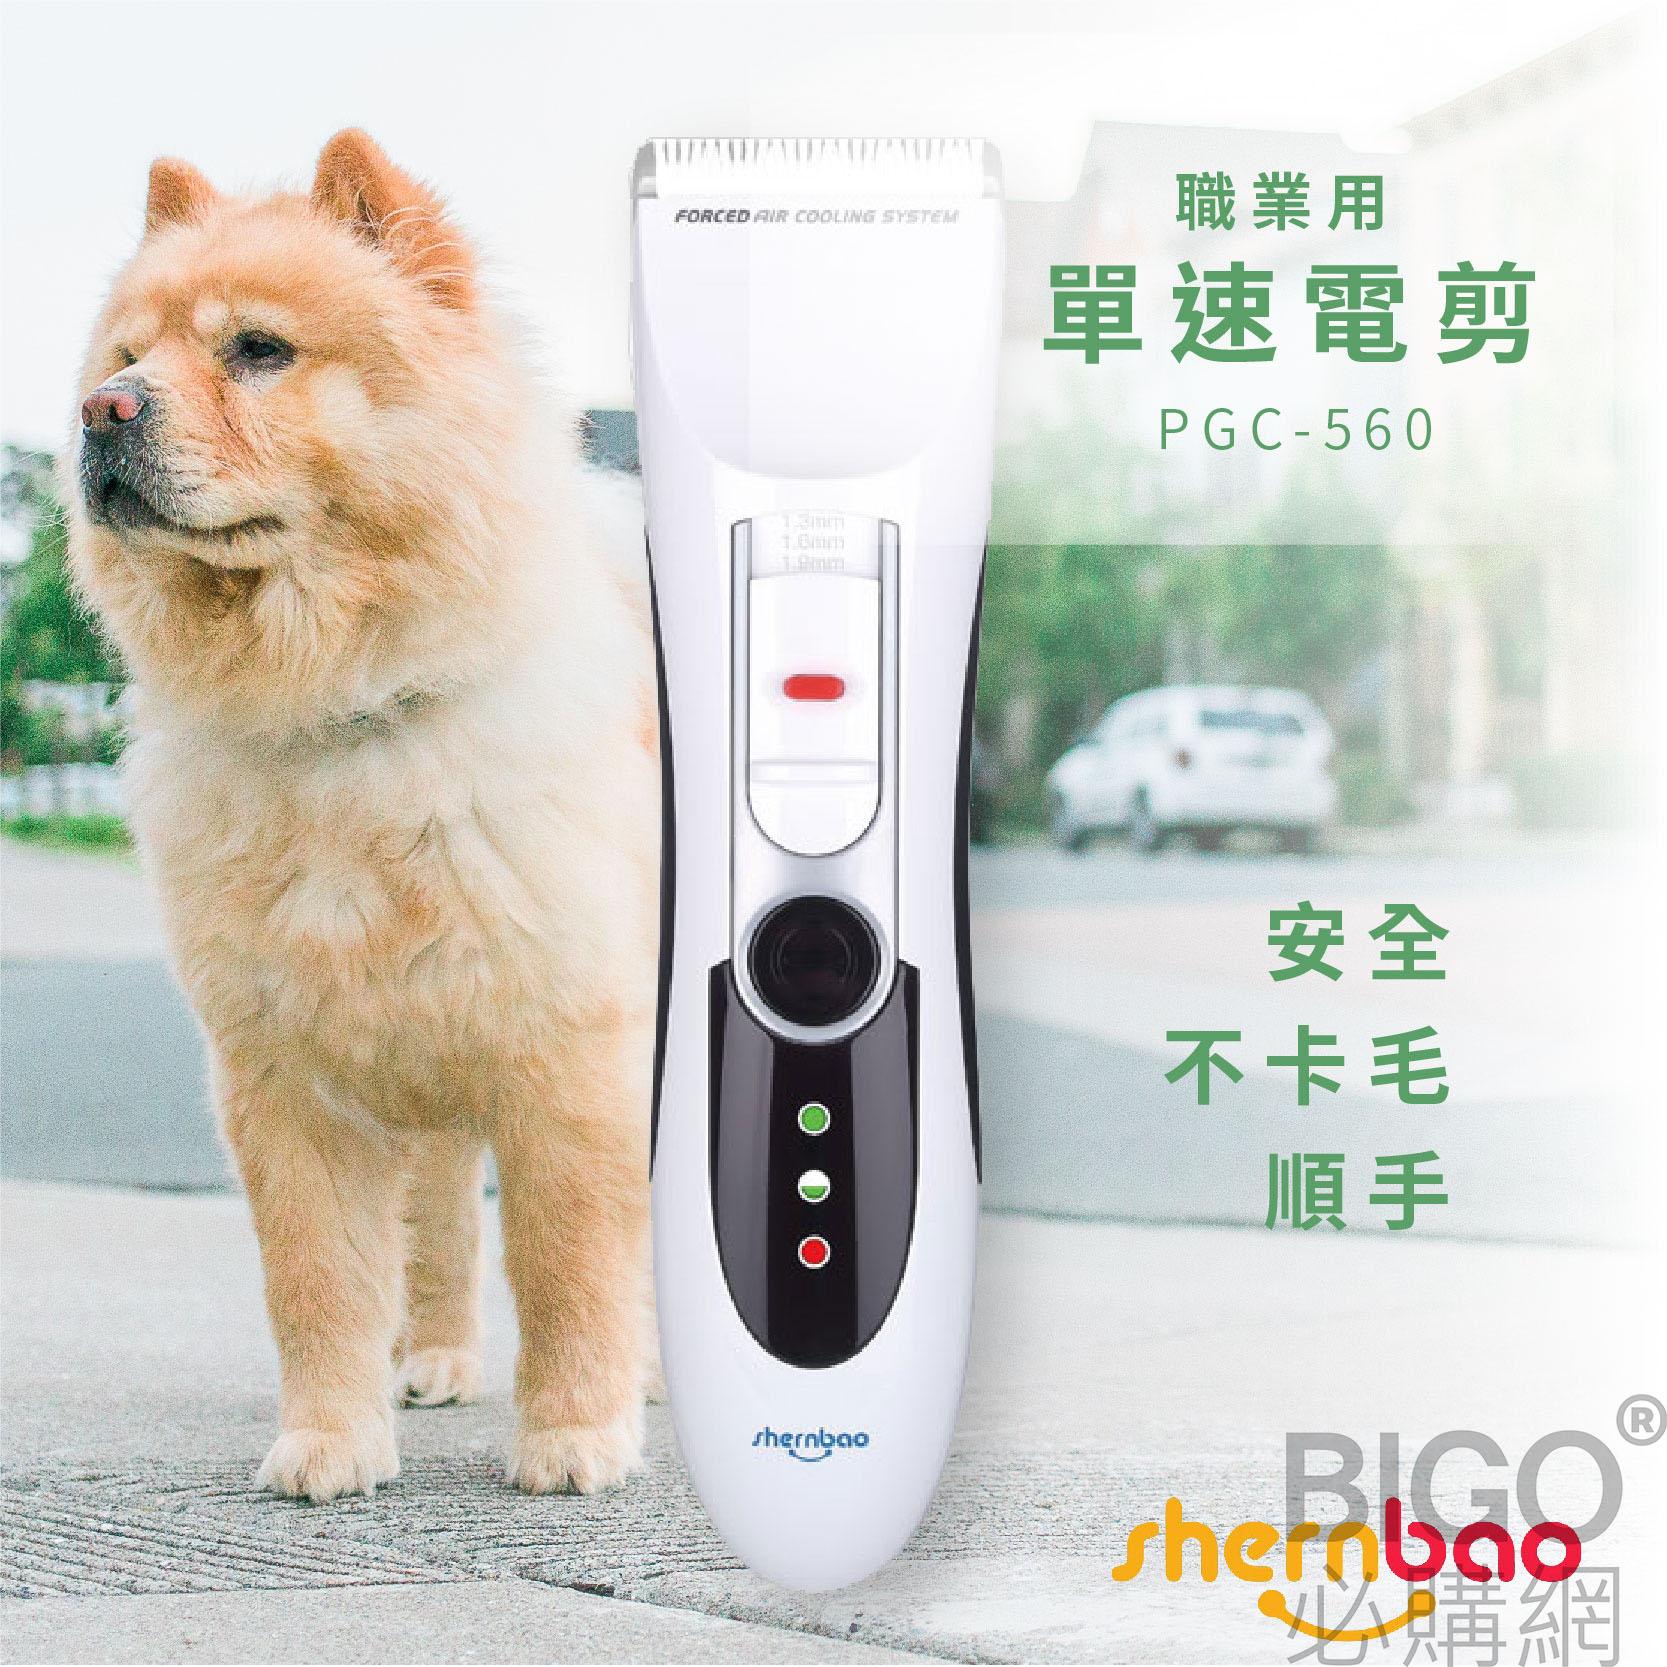 牠的型你行 PGC-560 單速電剪 不卡毛 安全 寵物修毛 寵物剃毛 電剪 段數可調 寵物用品 寵物美容 職業用